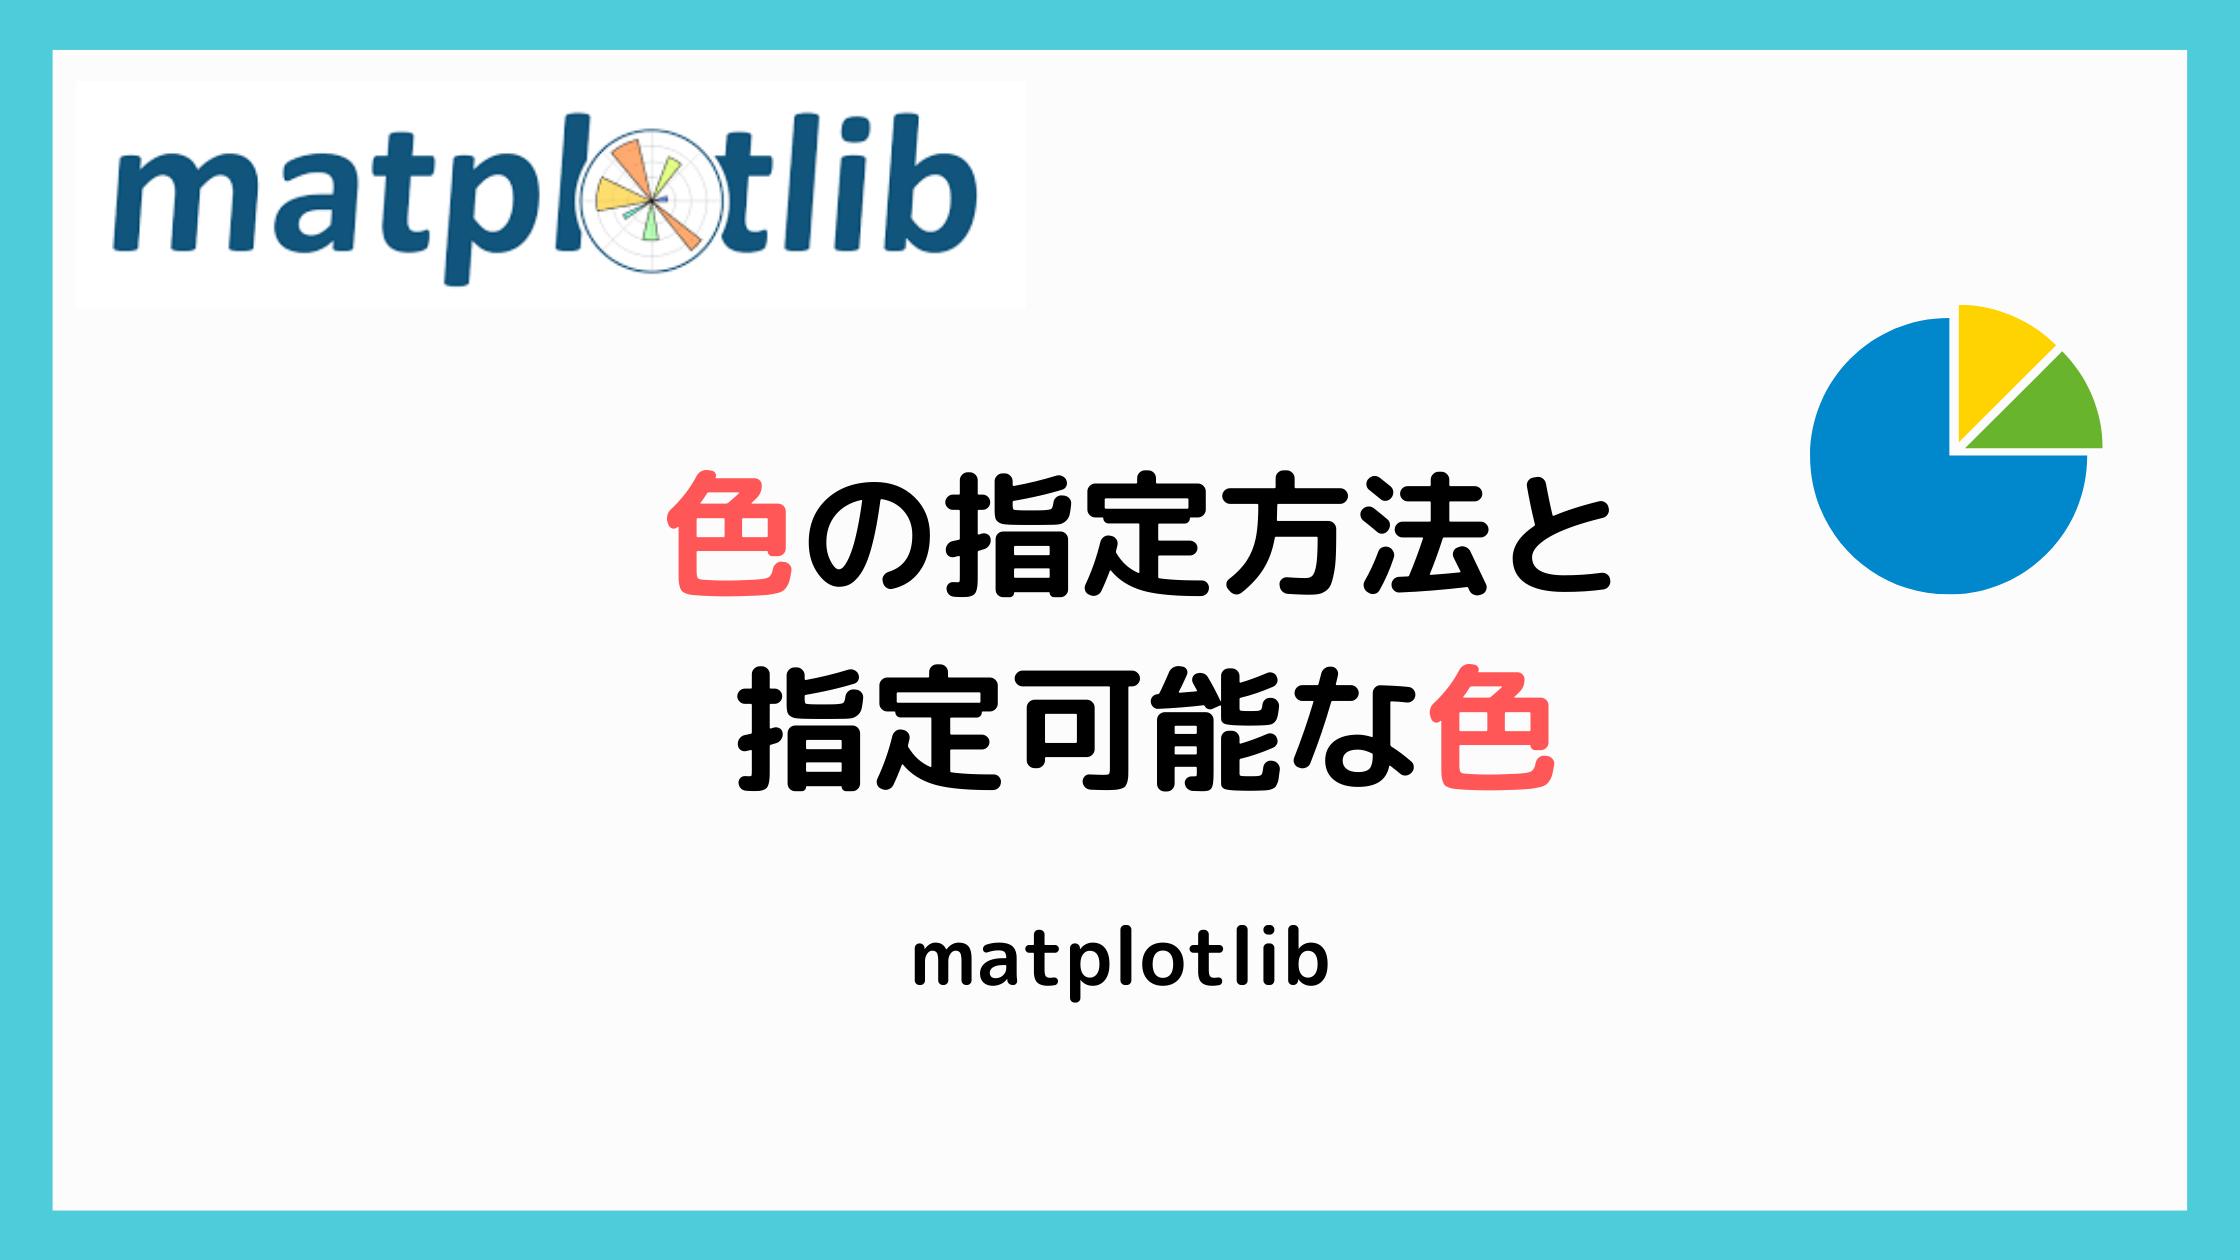 matplotlibの色一覧の記事のアイキャッチ